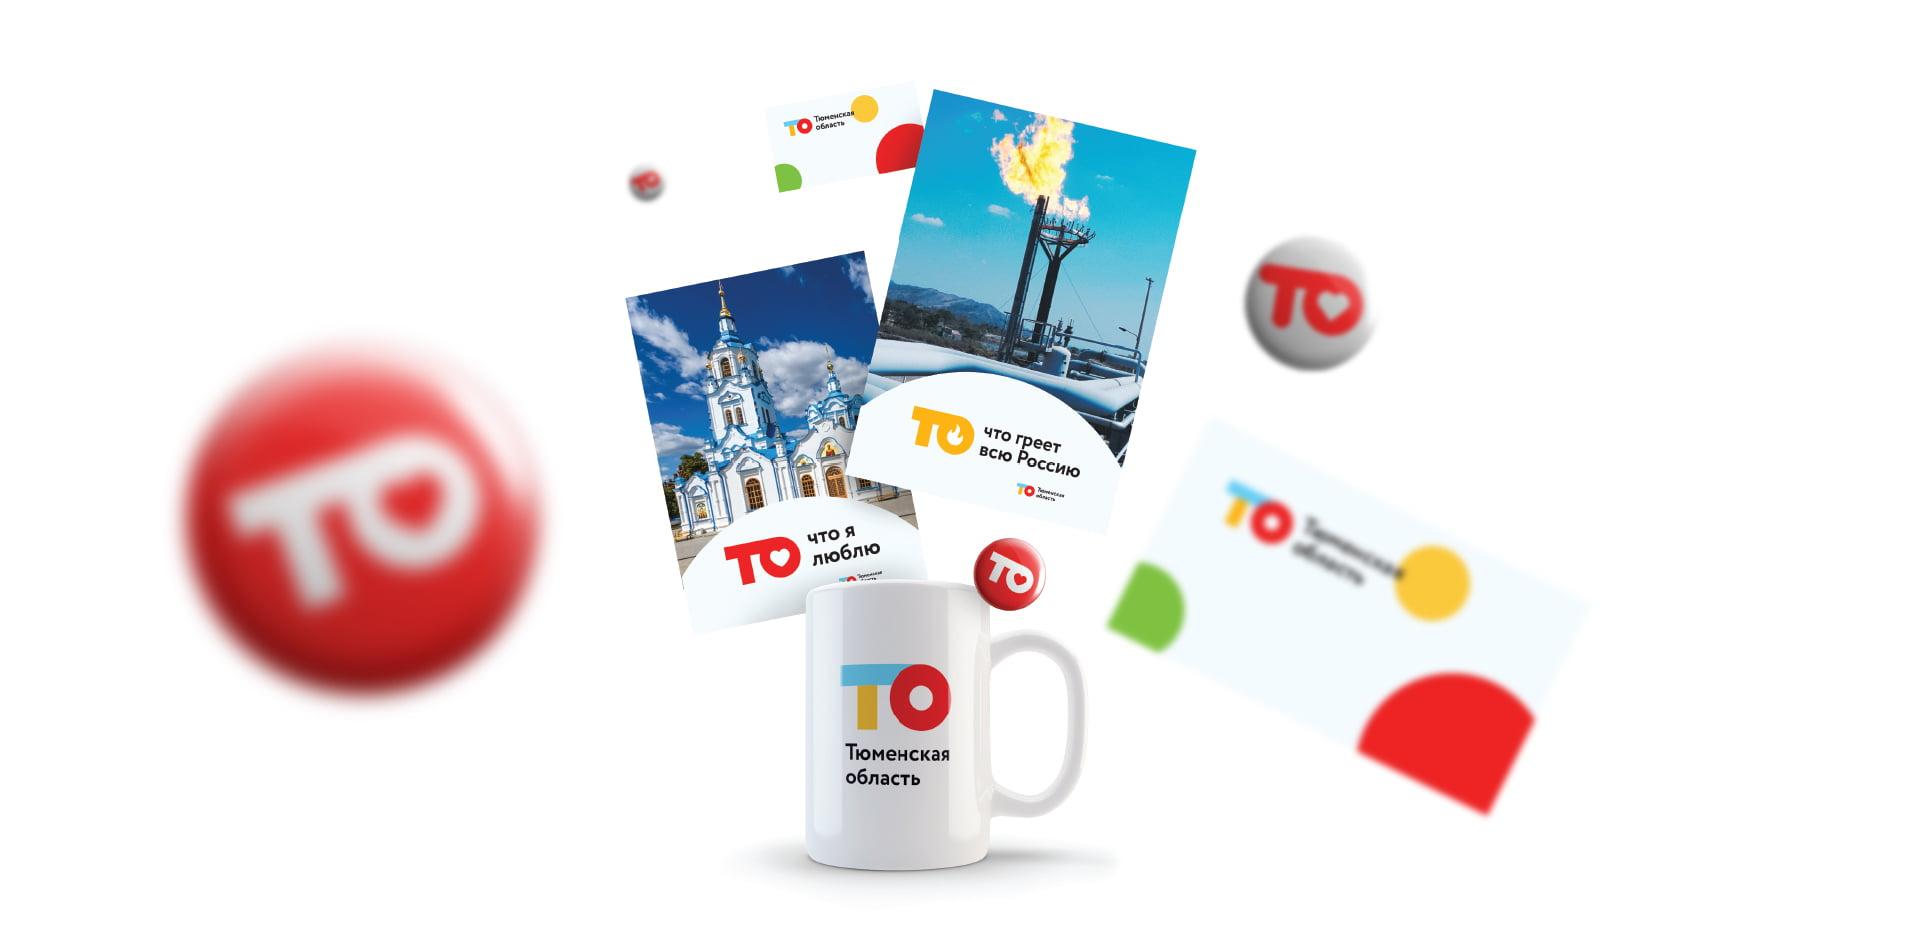 Туристический Логотип. Тюменская область